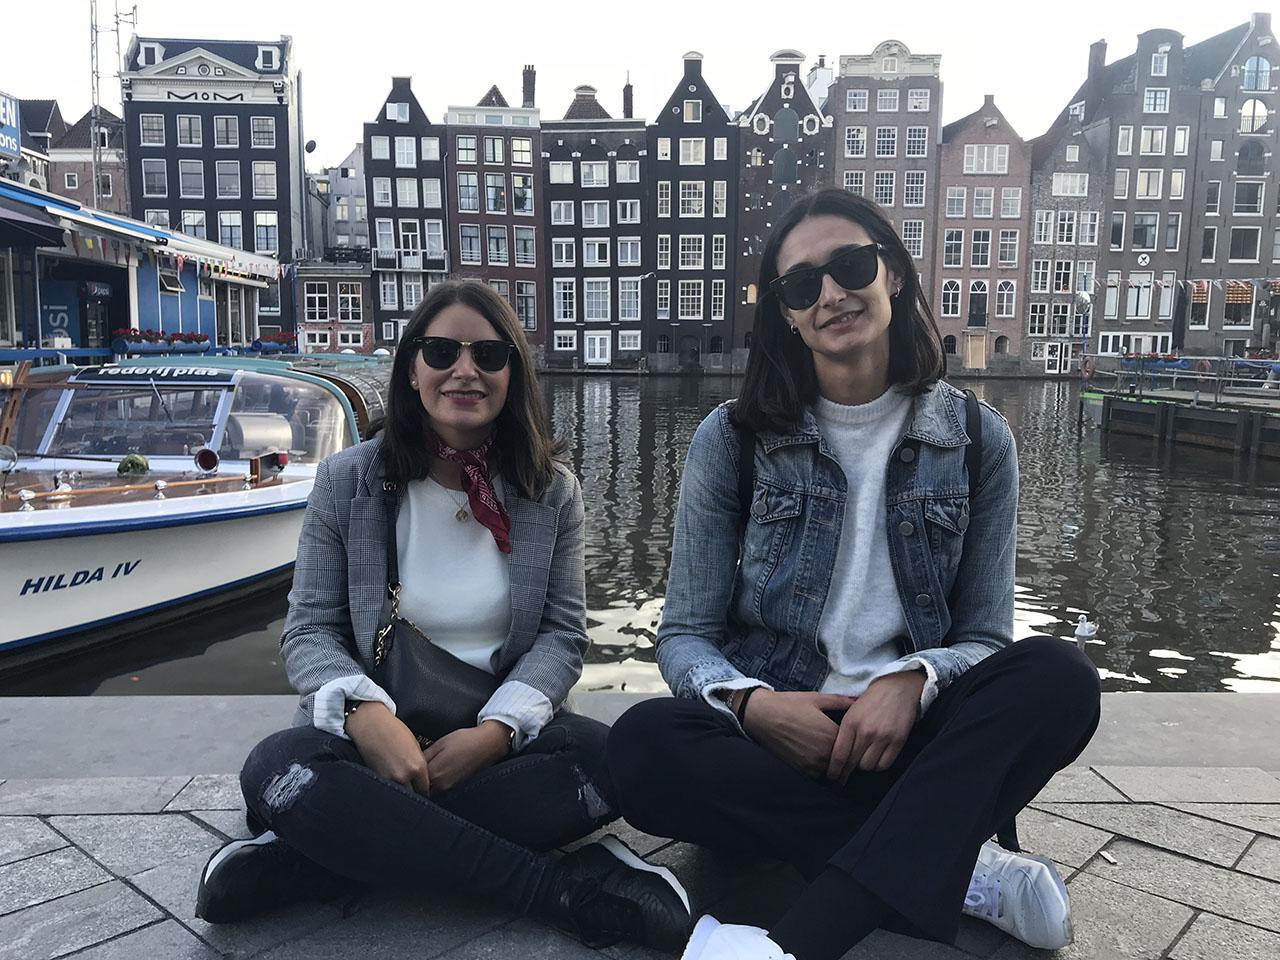 Twee vrouwen, foto gemaakt met iPhone 7